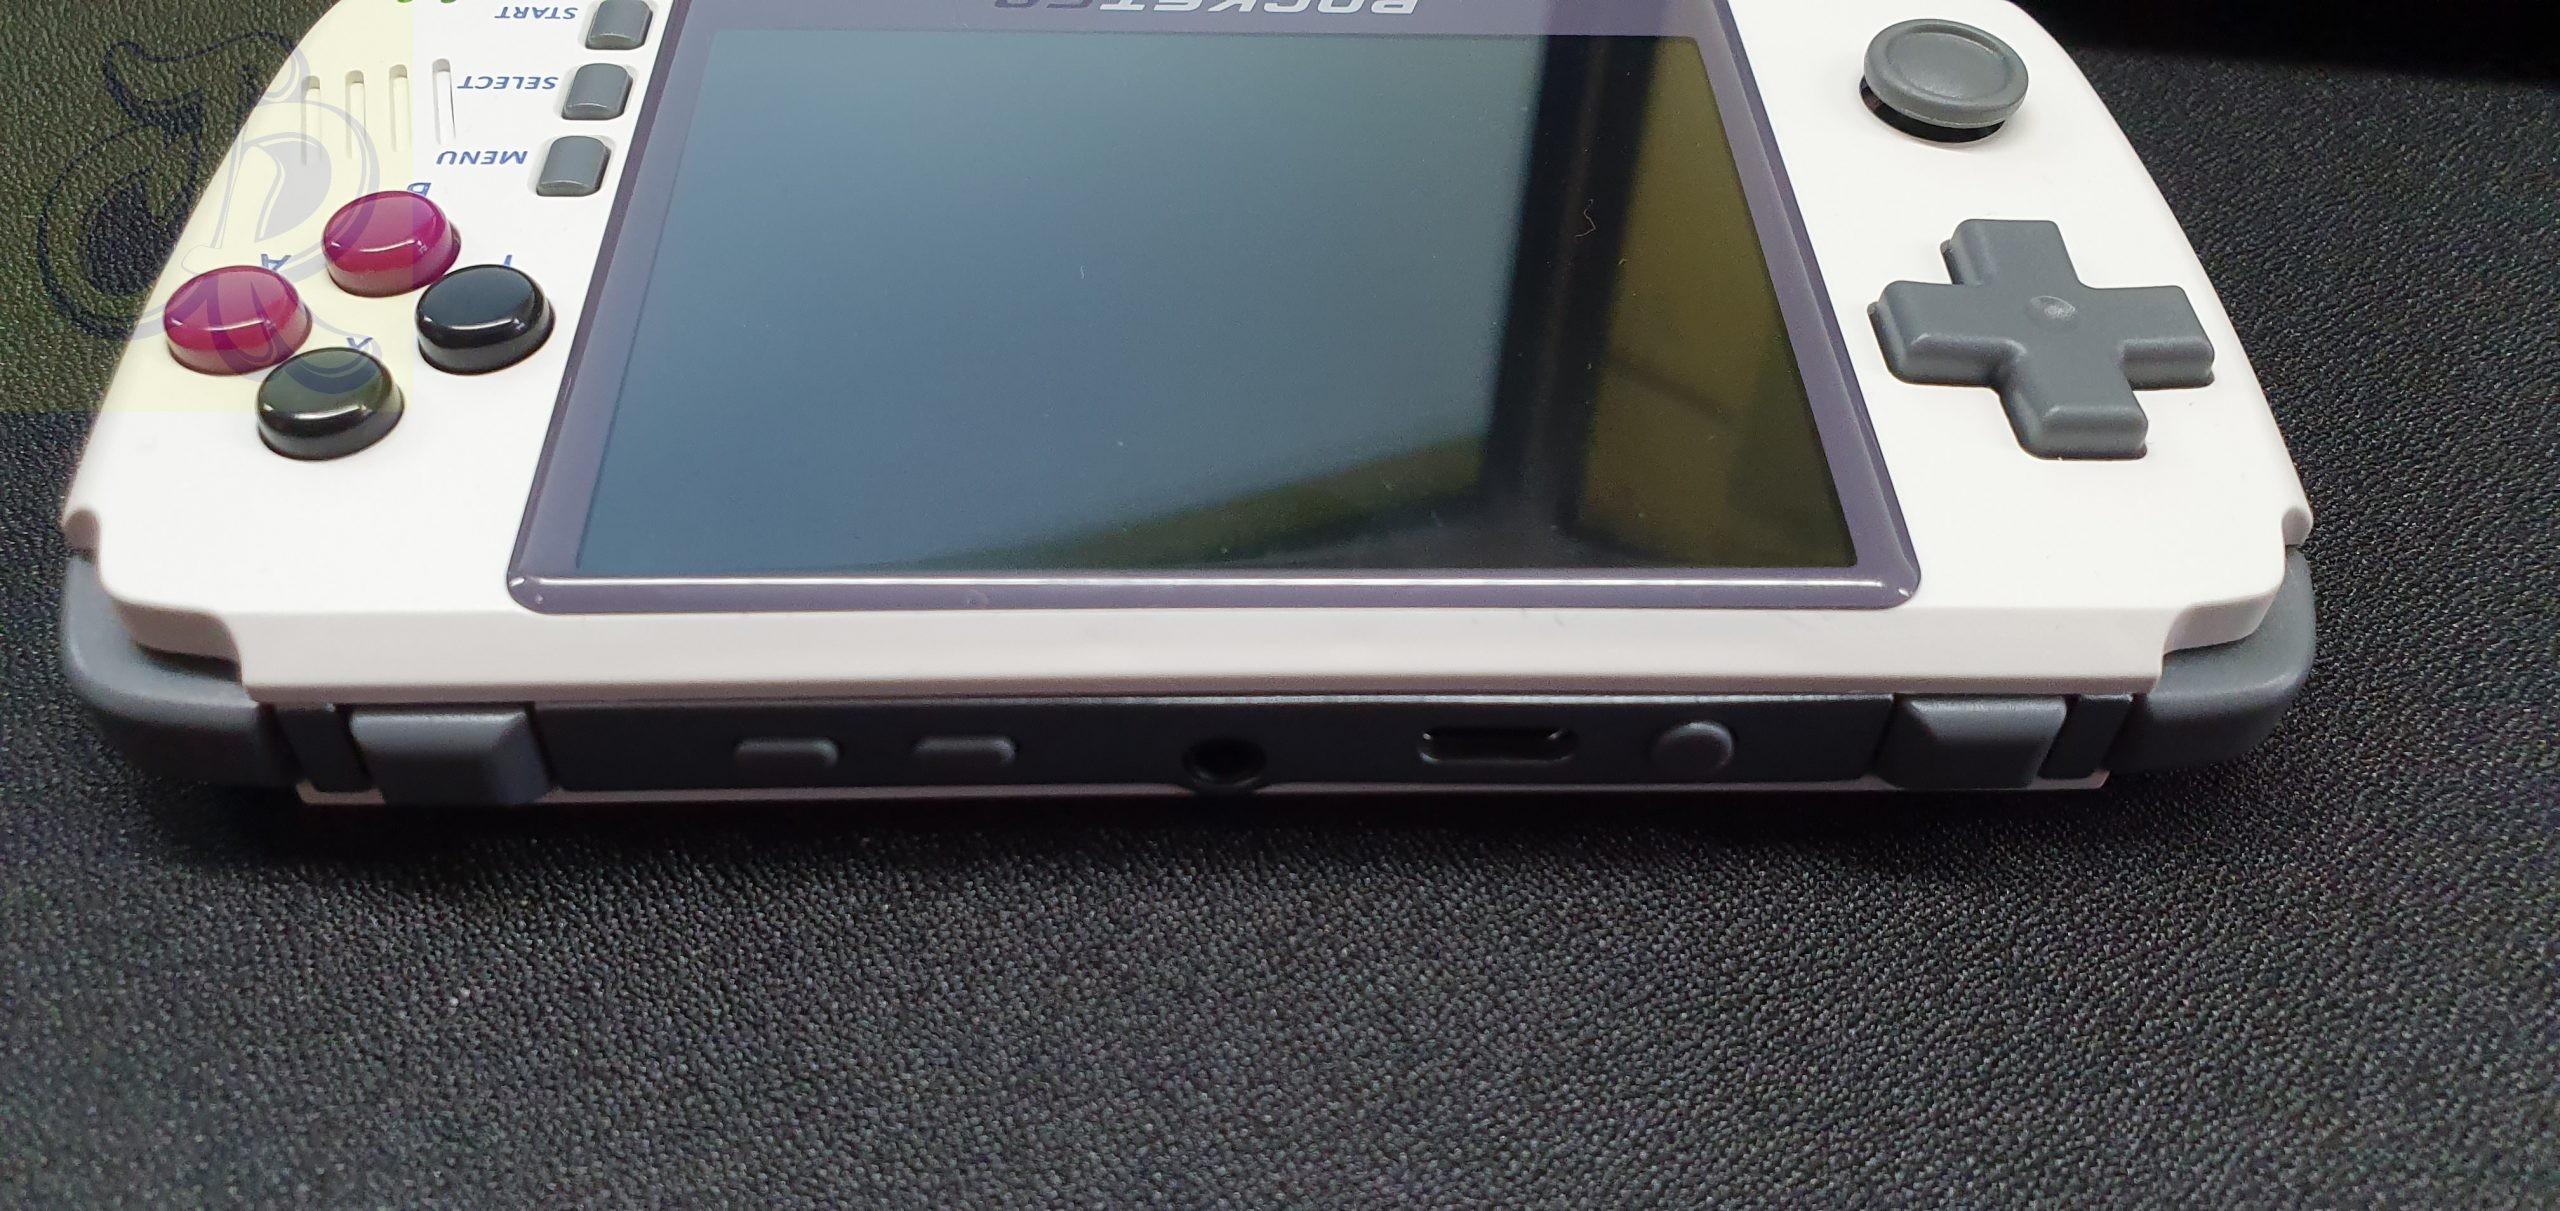 PocketGo V2 Portable Retro Handheld Review